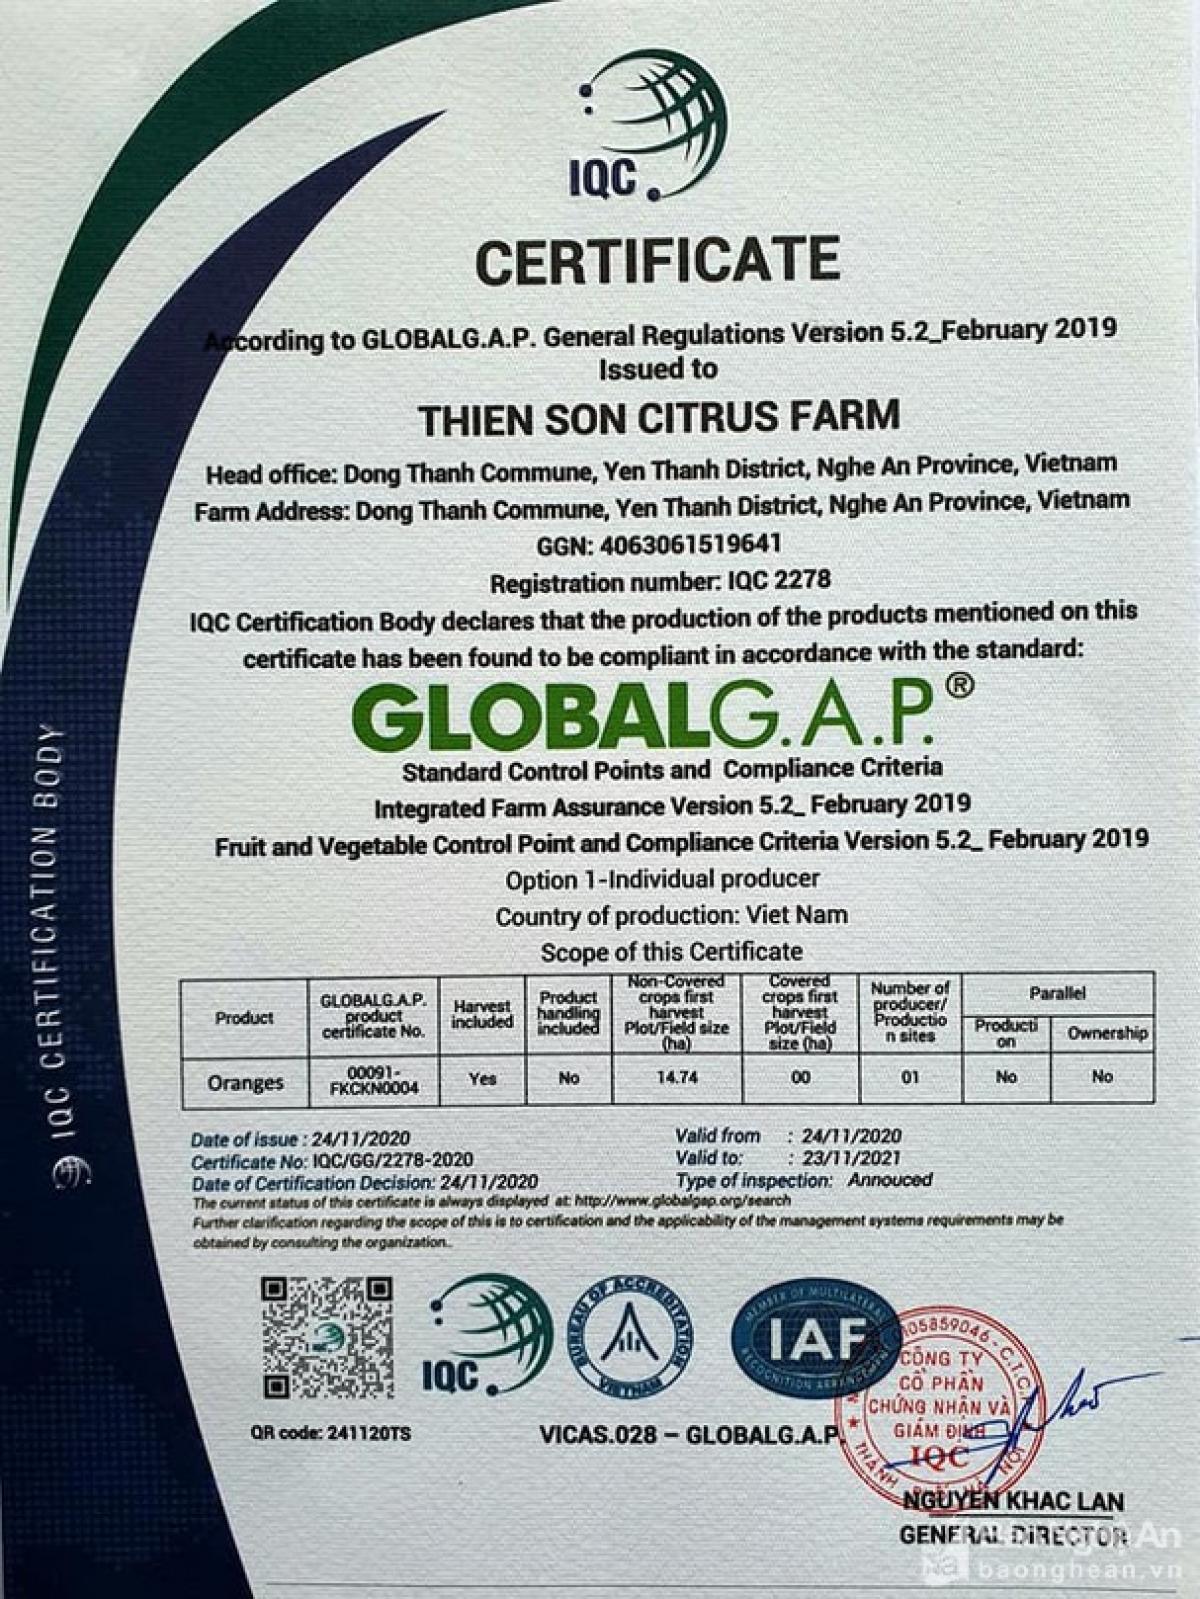 Trang trại cam Thiên Sơn đạt chứng chỉ GLOBALGAP. (Ảnh: Xuân Giáo)